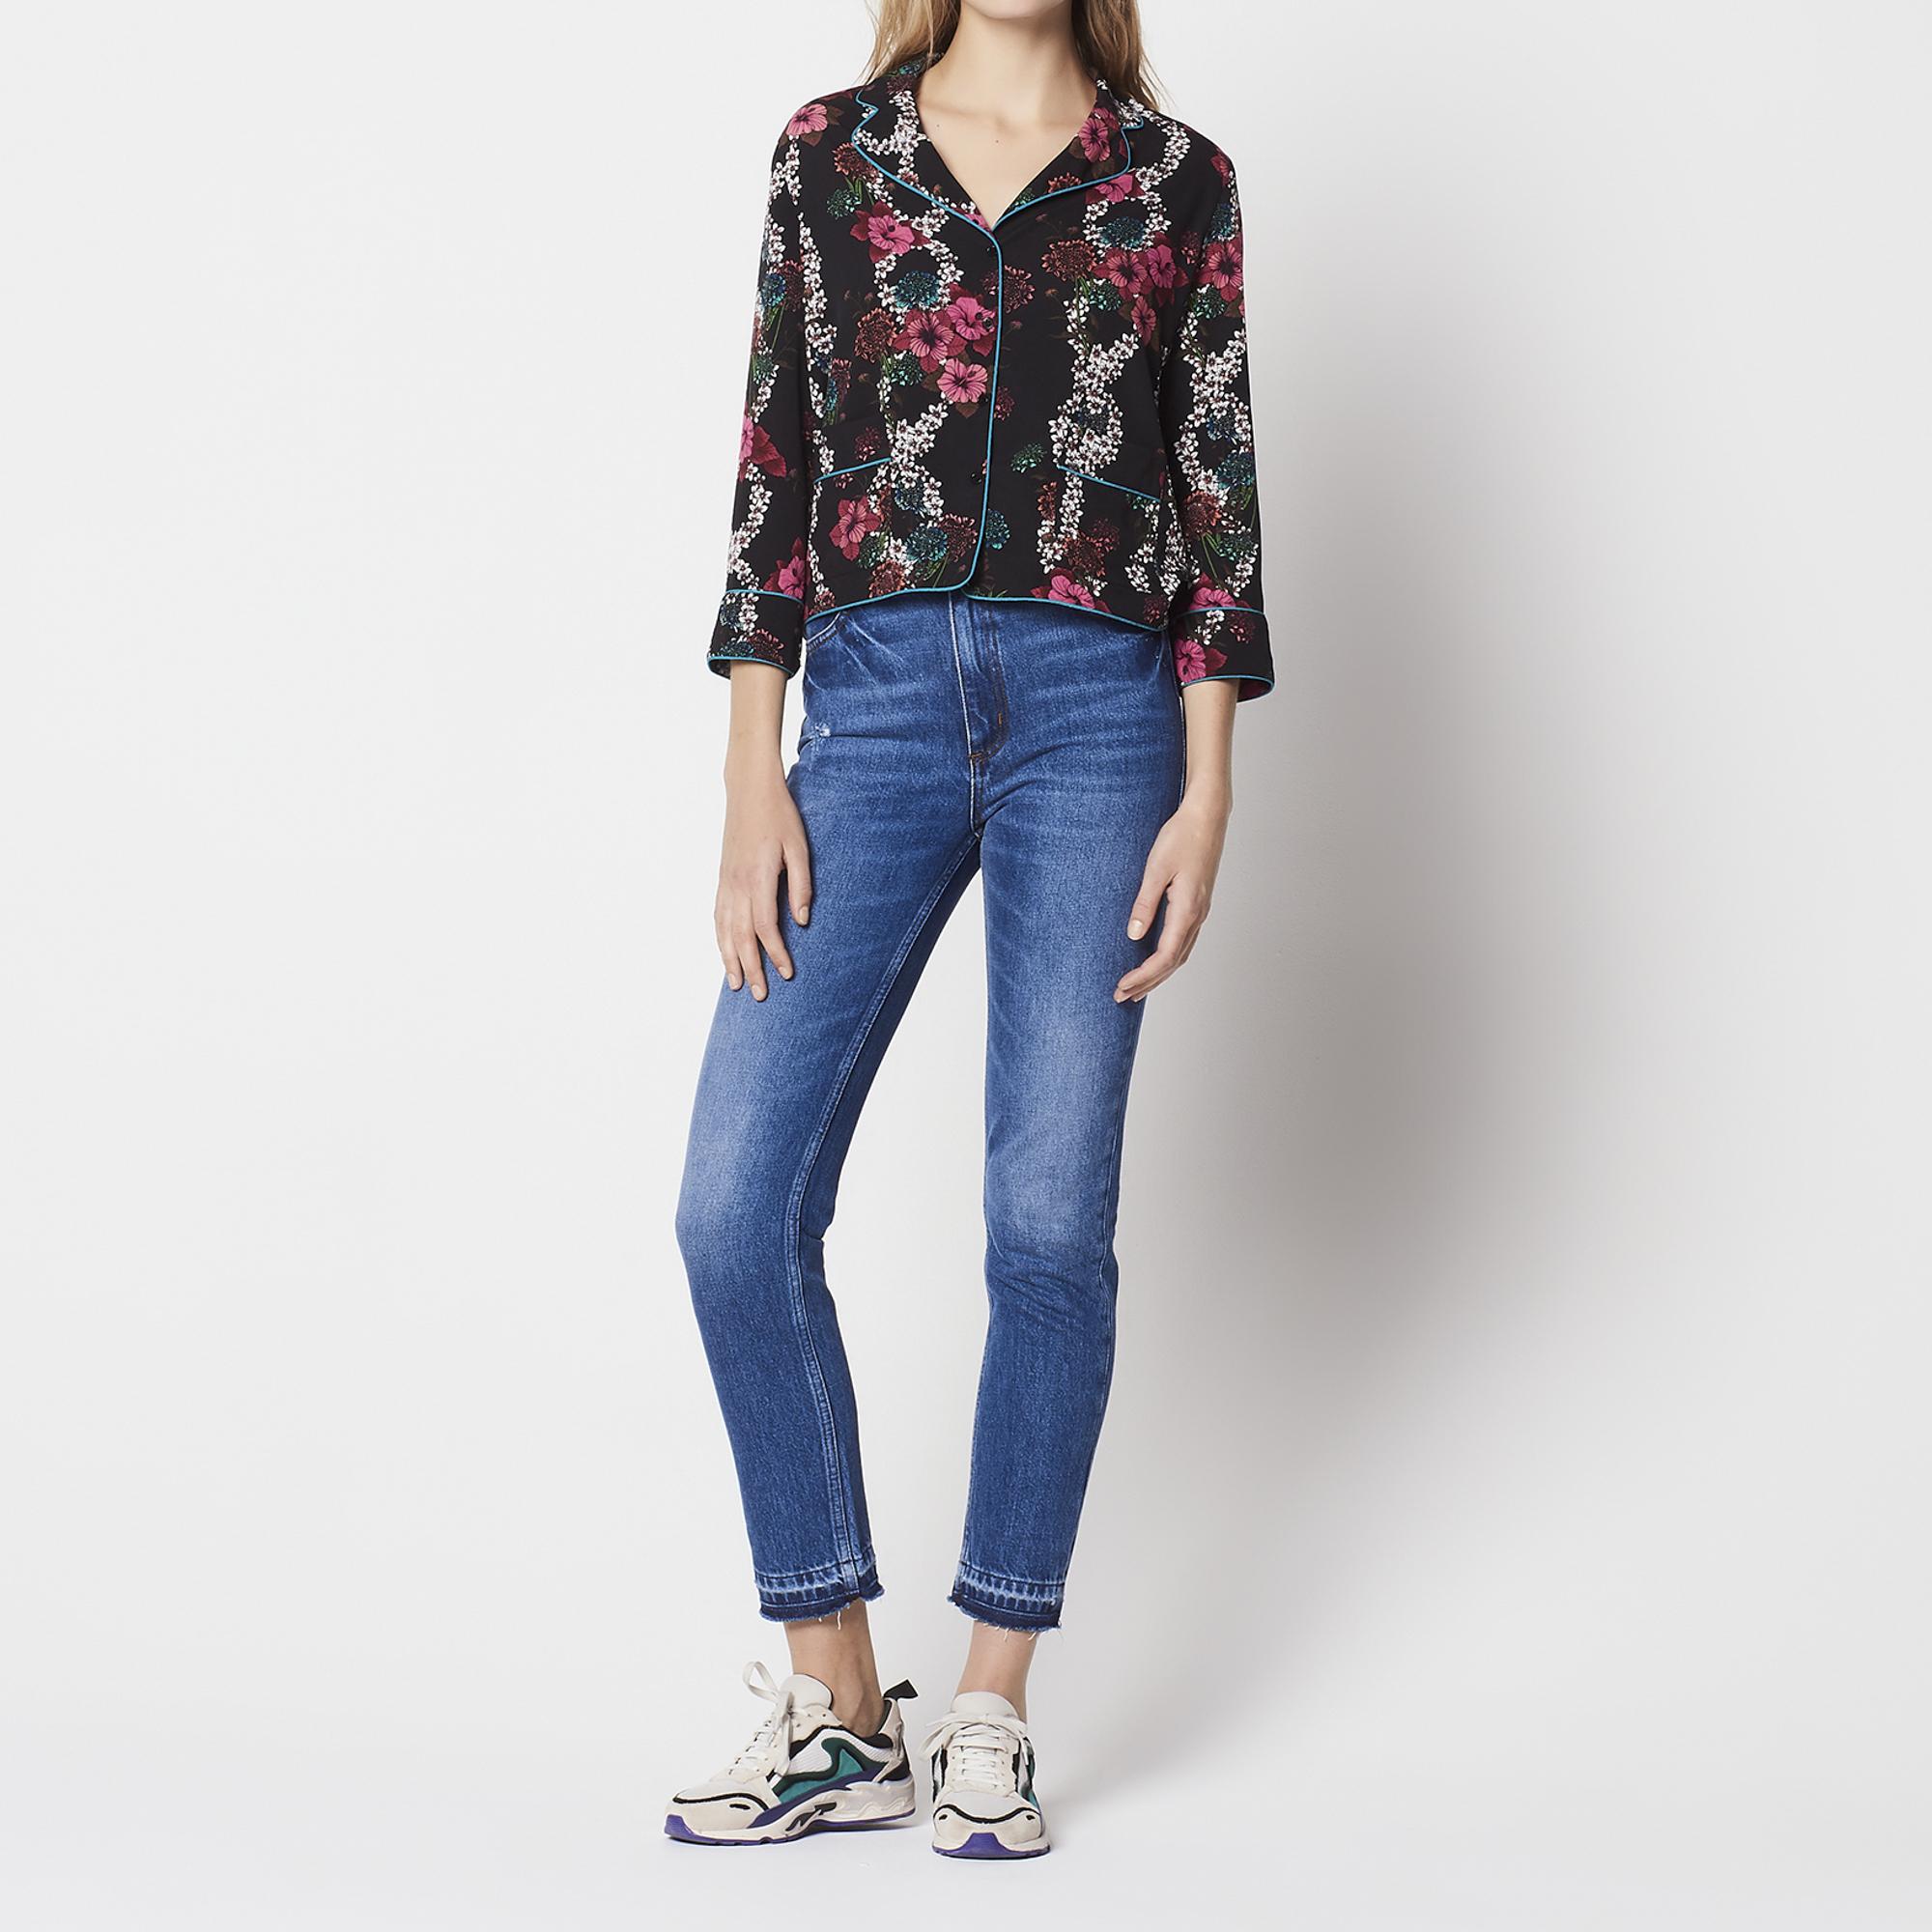 Camicia con stampa floreale all-over : Top & Camicie colore Nero